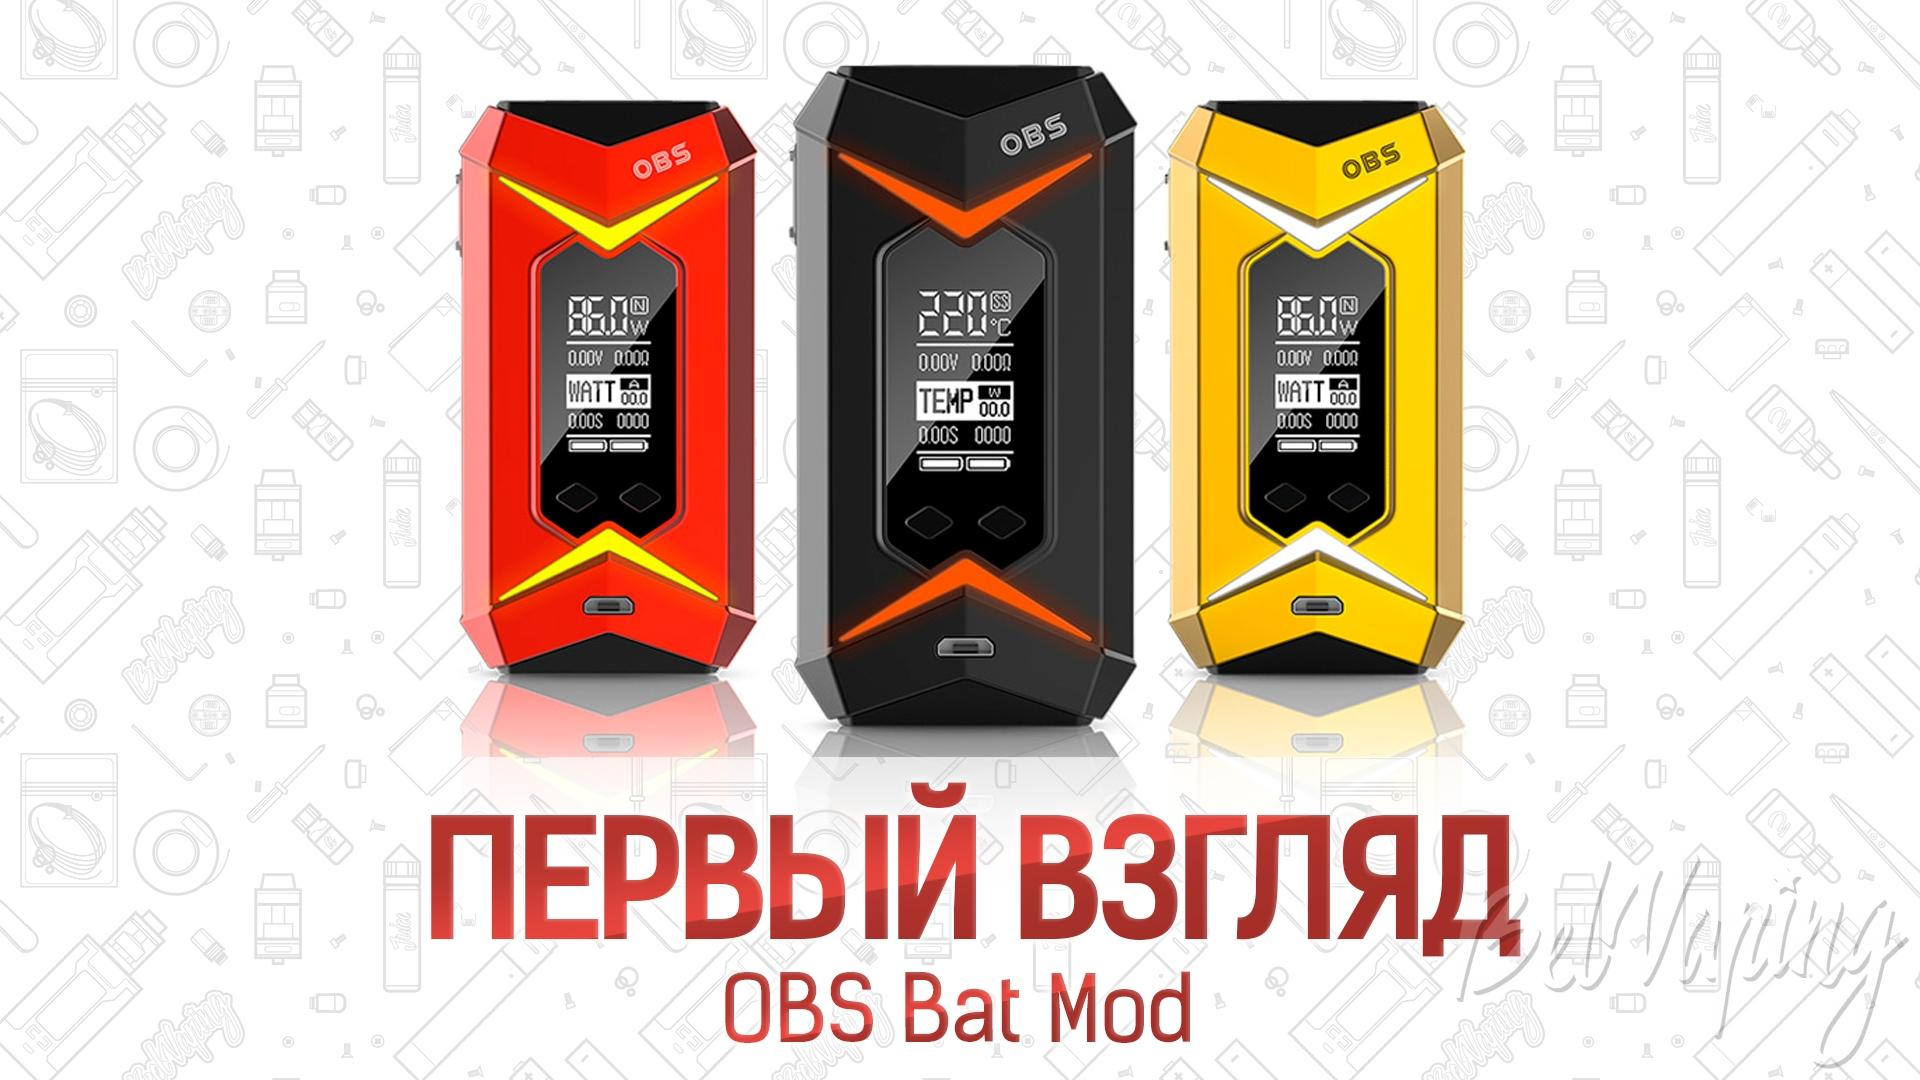 OBS Bat Mod. Первый взгляд